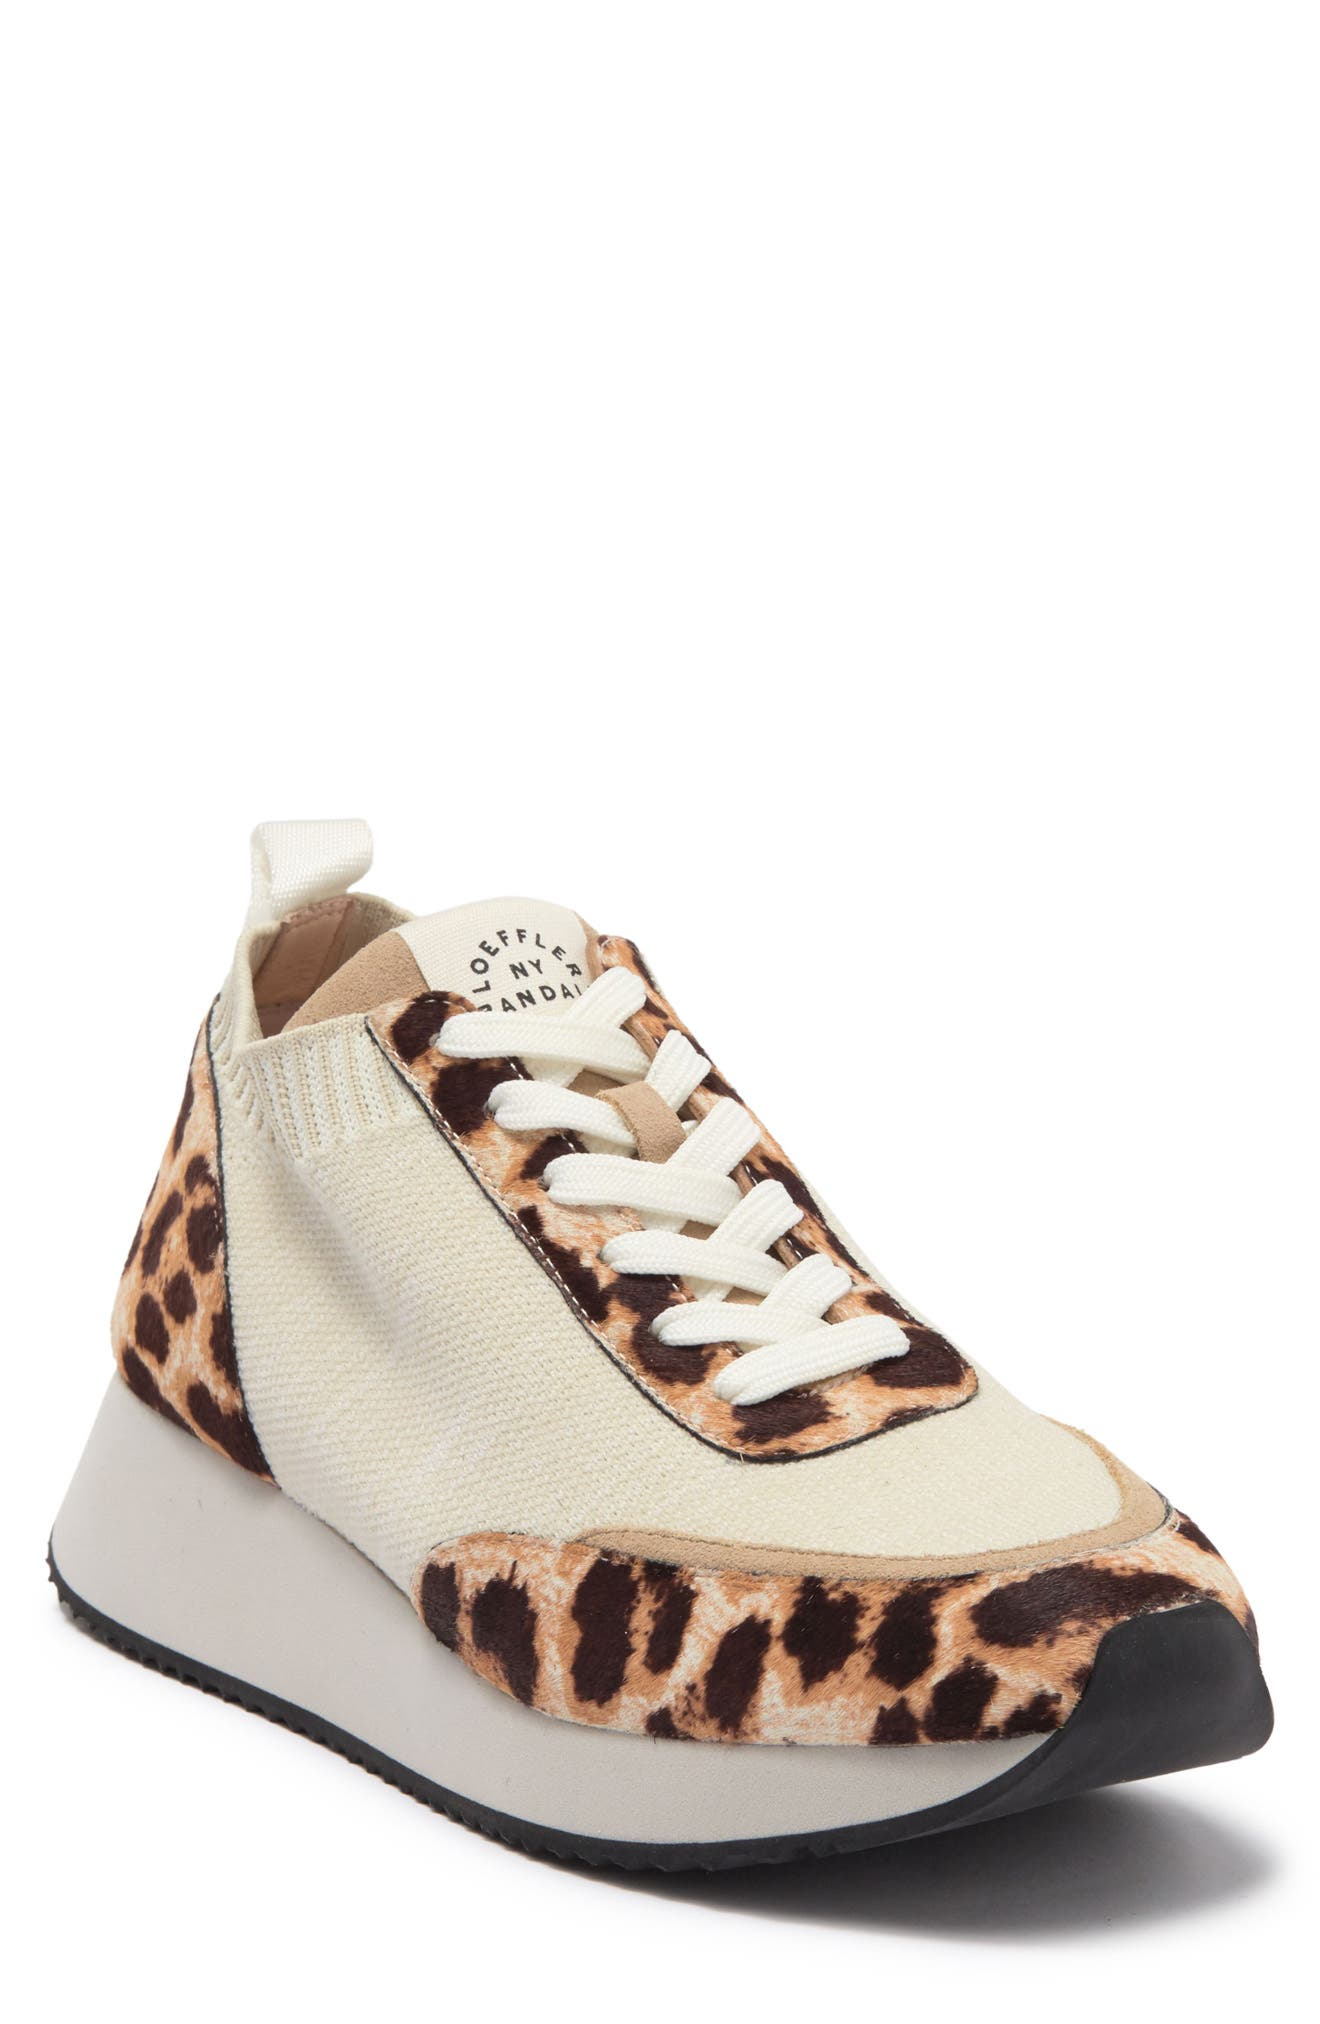 Image of LOEFFLER RANDALL Remi Genuine Calf Hair Detail Sneaker